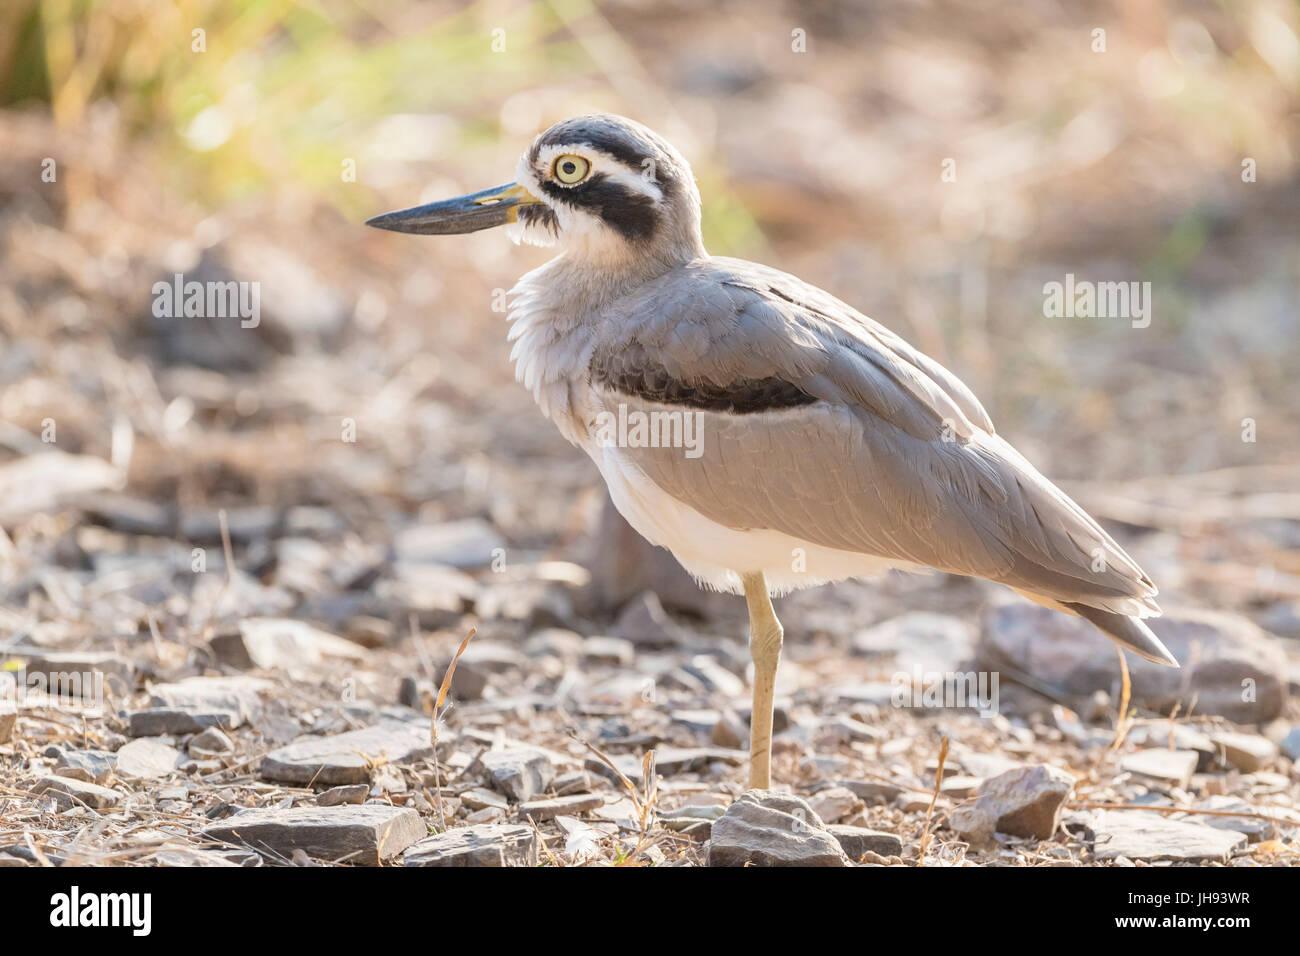 Gran grueso-knee (Esacus recurvirostris) de pie en el suelo, el parque nacional Ranthambhore, Rajasthan, India Imagen De Stock